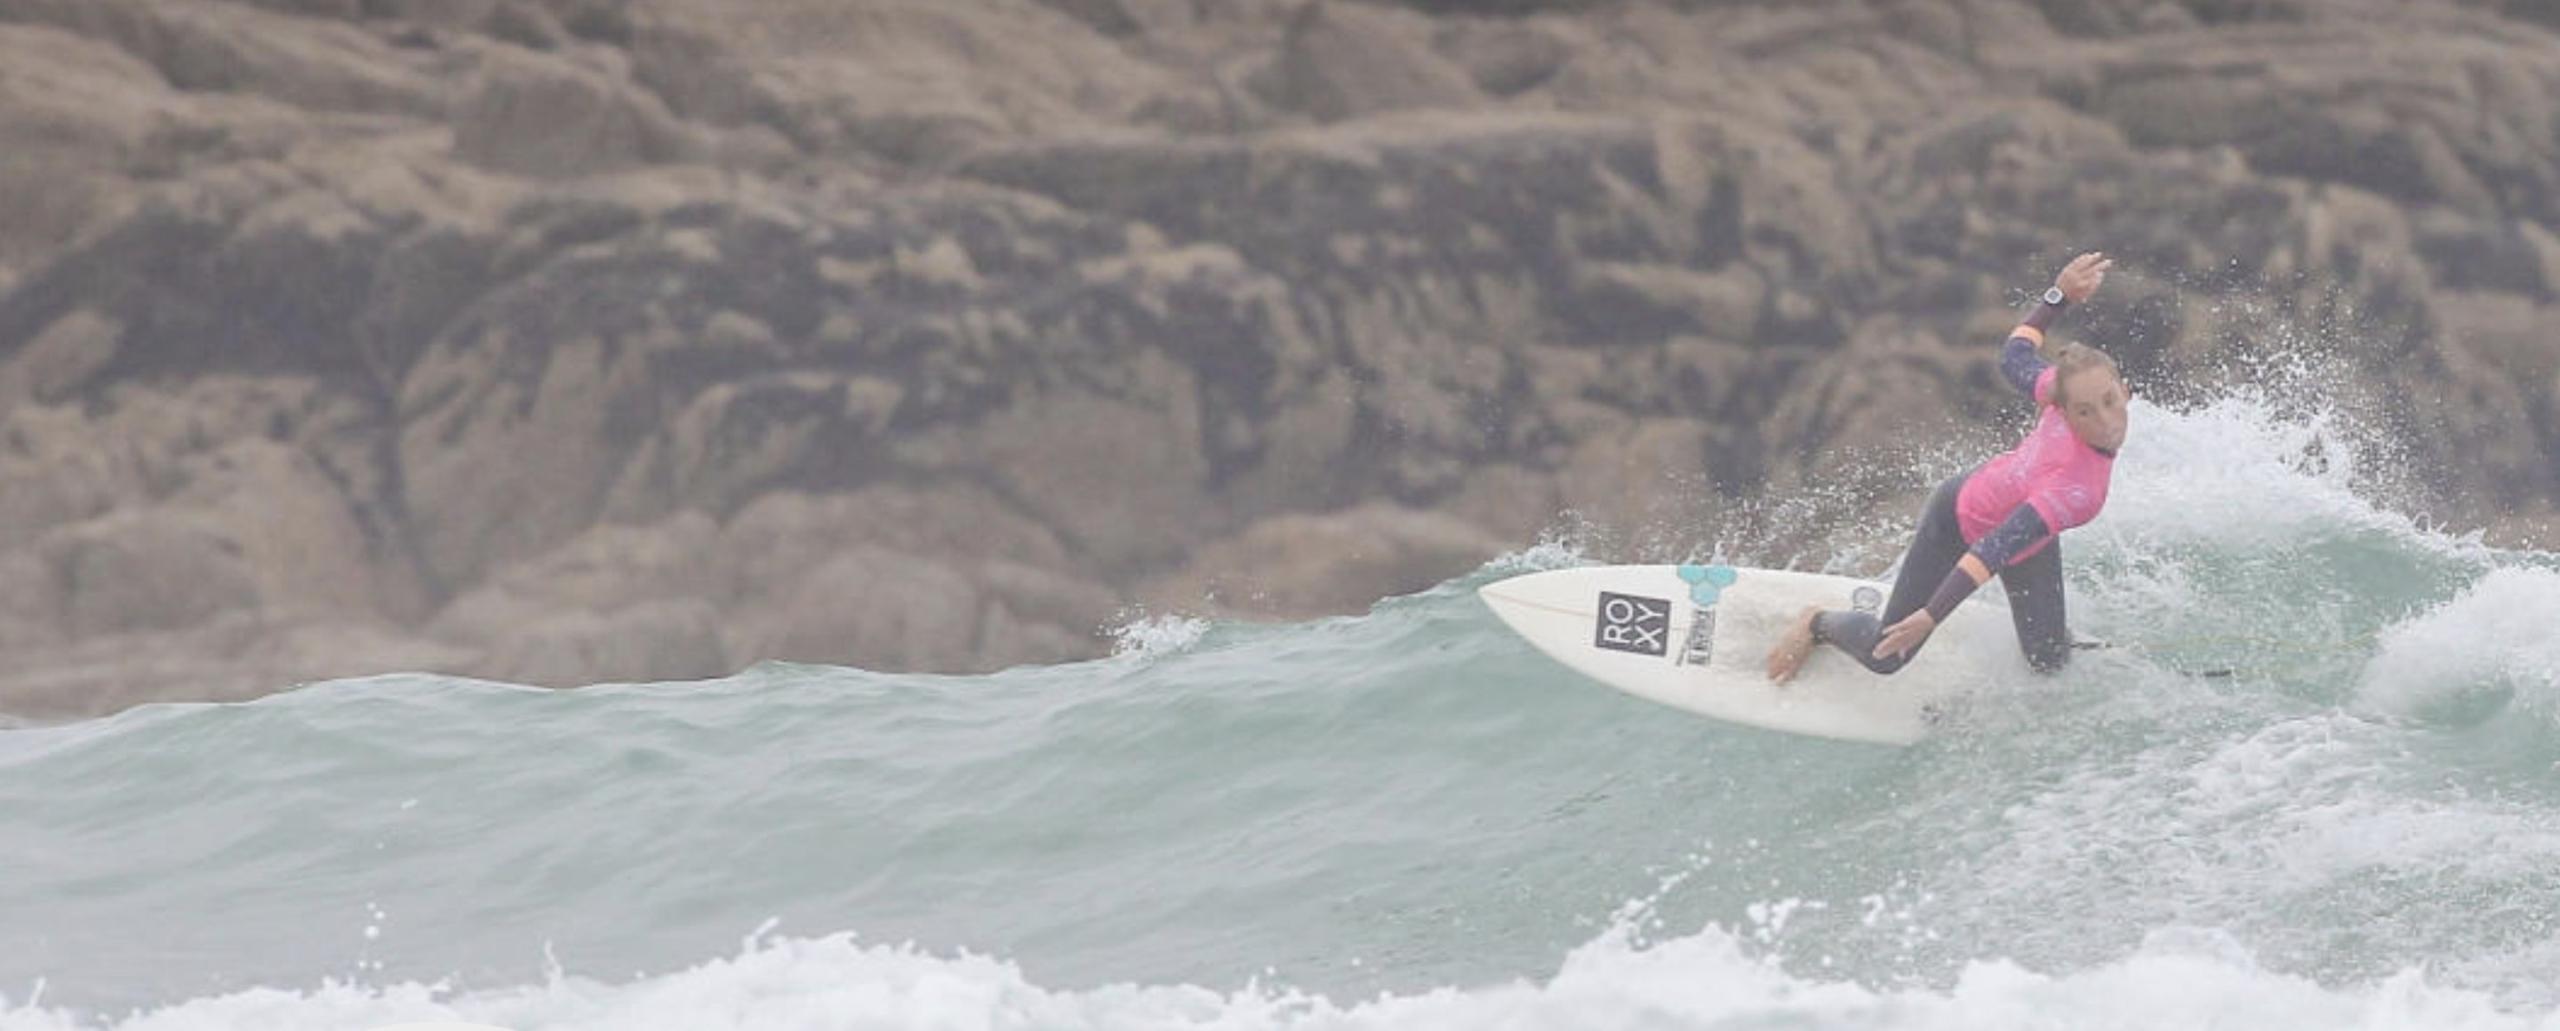 Athlète Cover uxue dominguez Surf Roxy